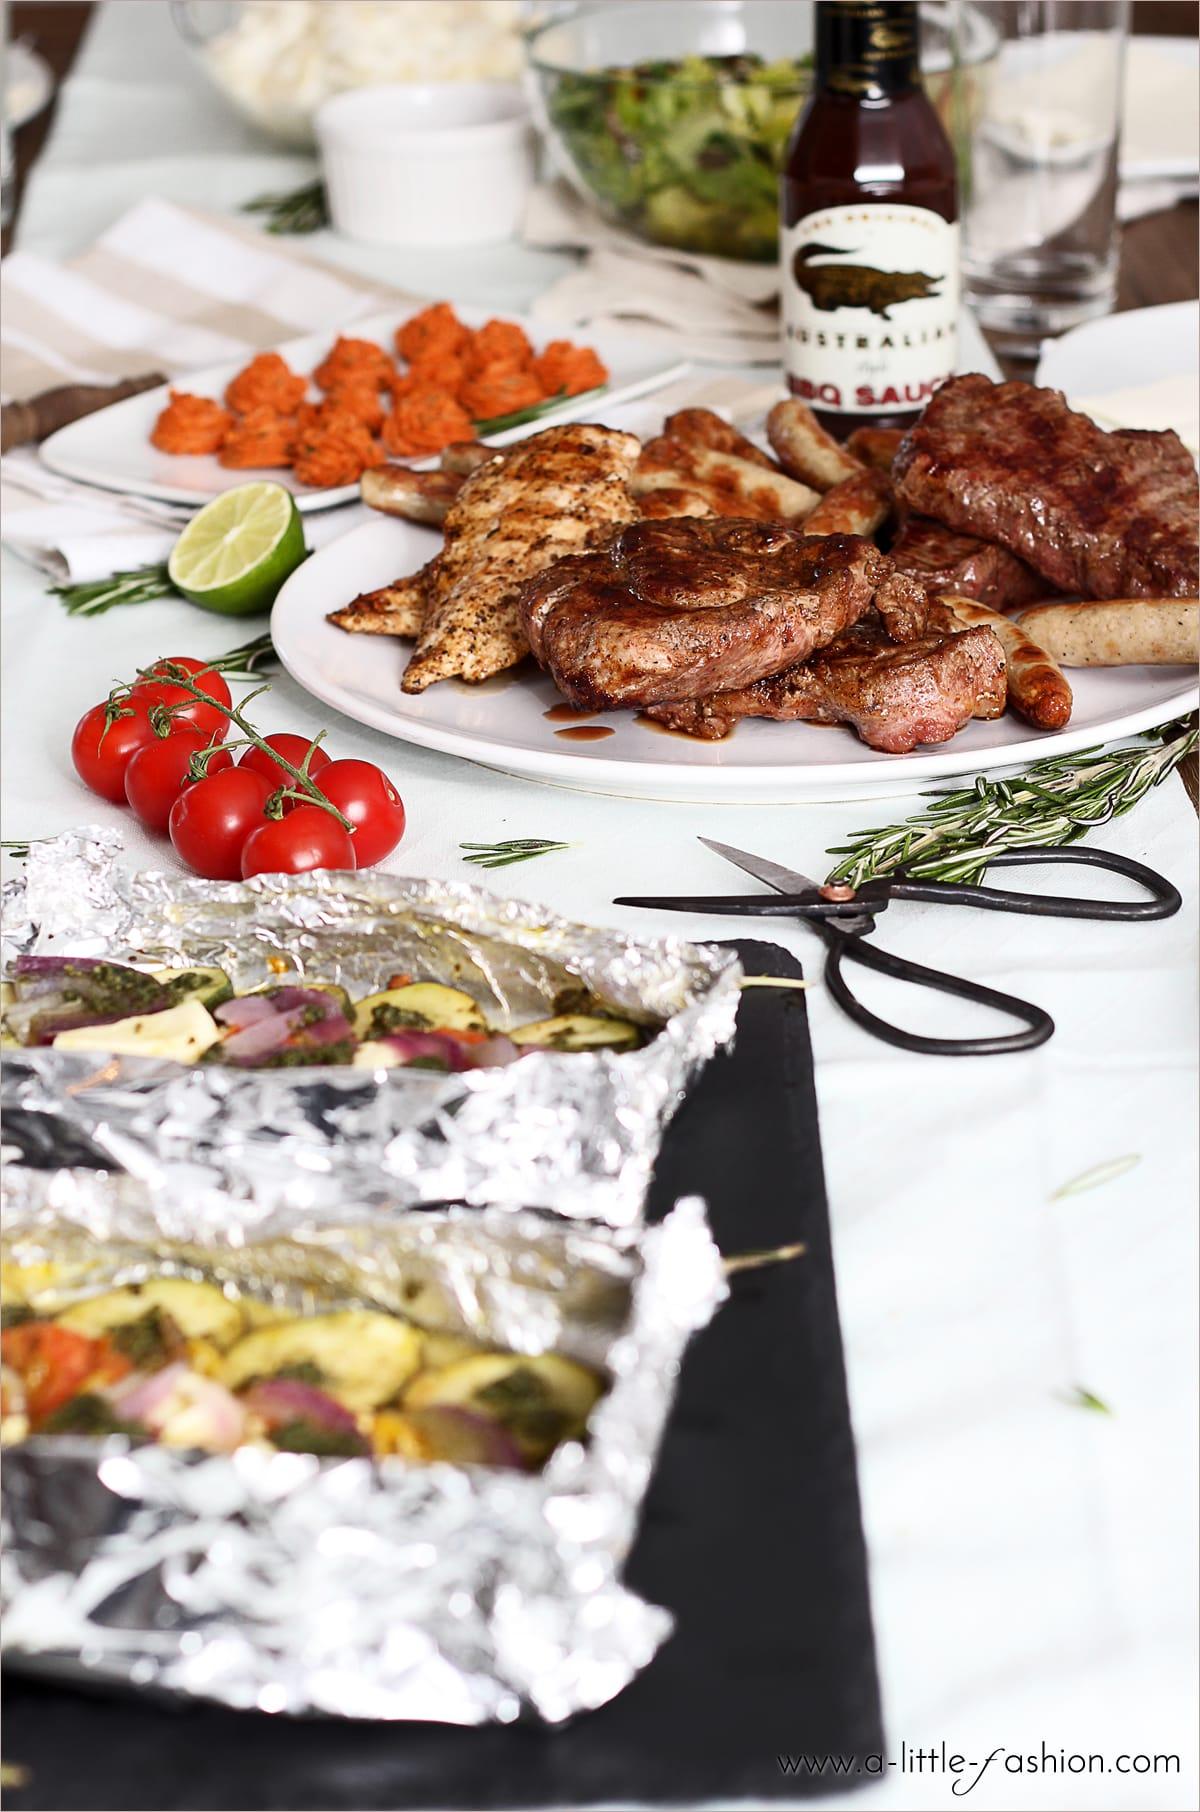 Kochzauber Grillbox für das perfekte Grill-Erlebnis